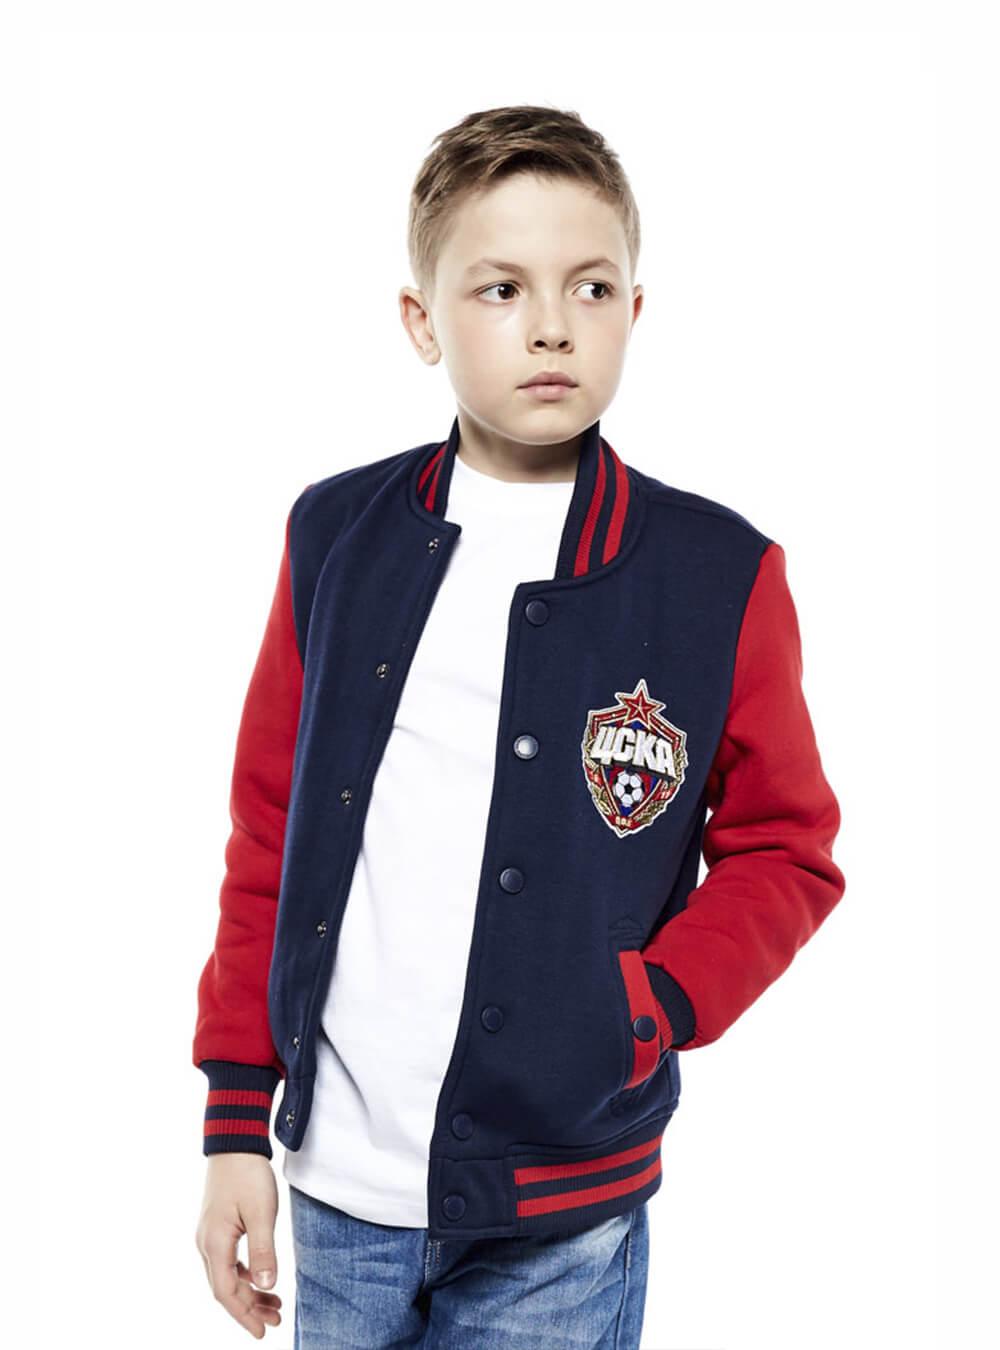 Куртка трикотажная детская (42)Одежда<br>Куртка трикотажная детская<br>